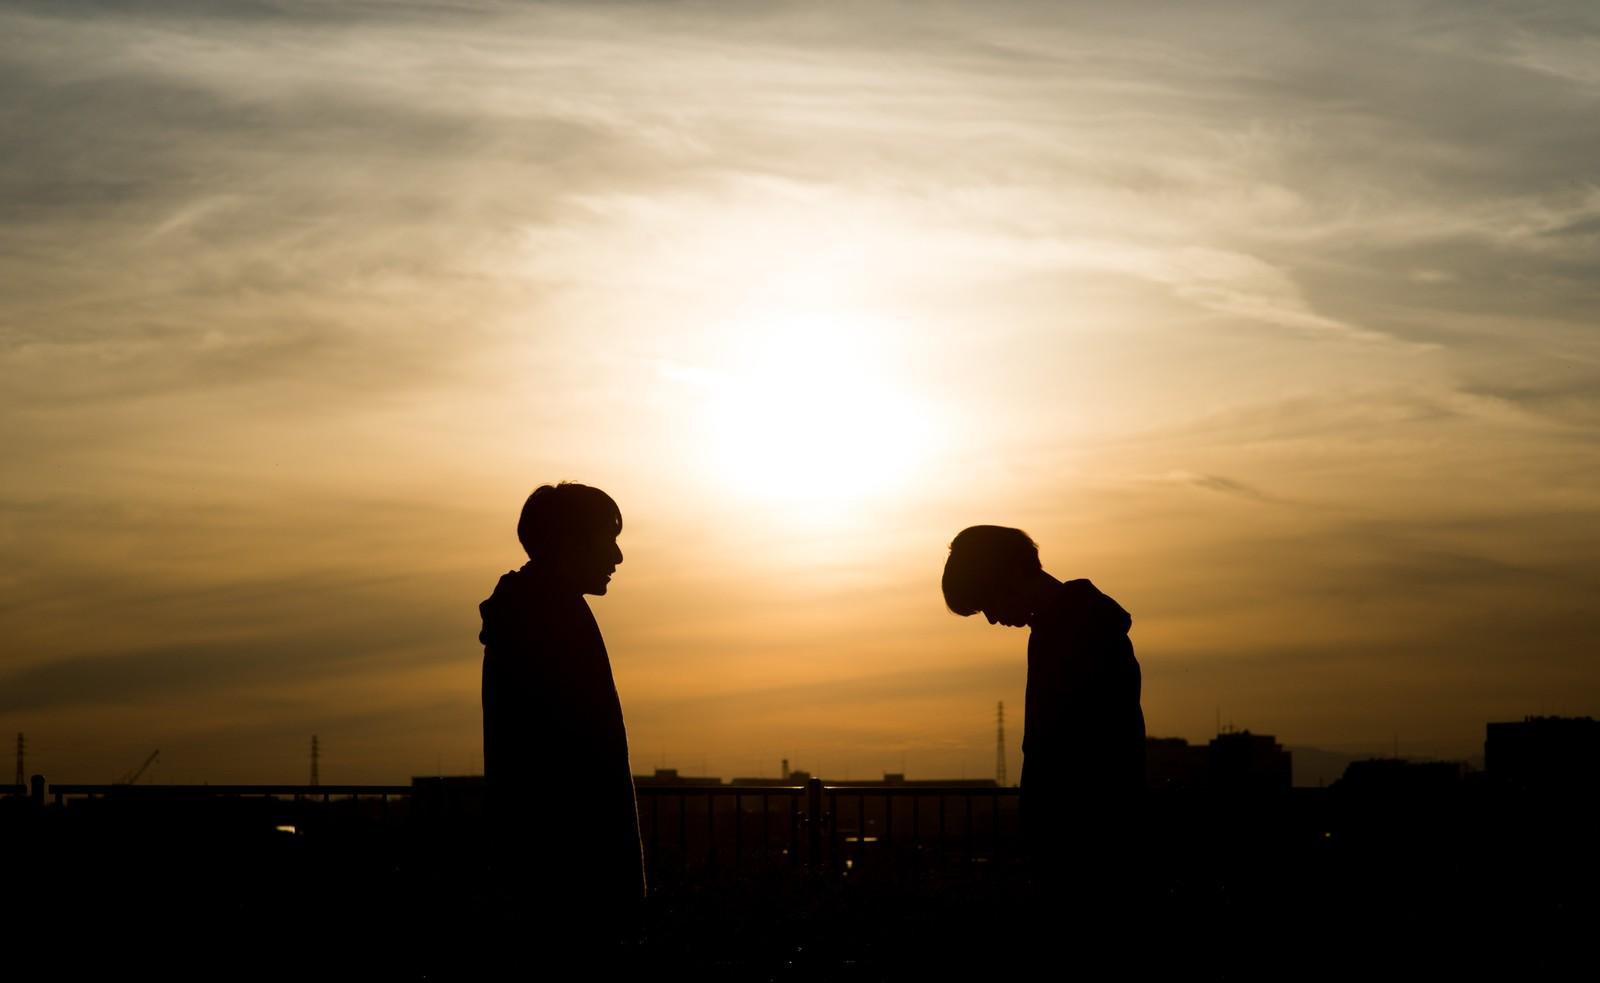 異性から告白されたときの上手な断り方と危険を回避するポイント